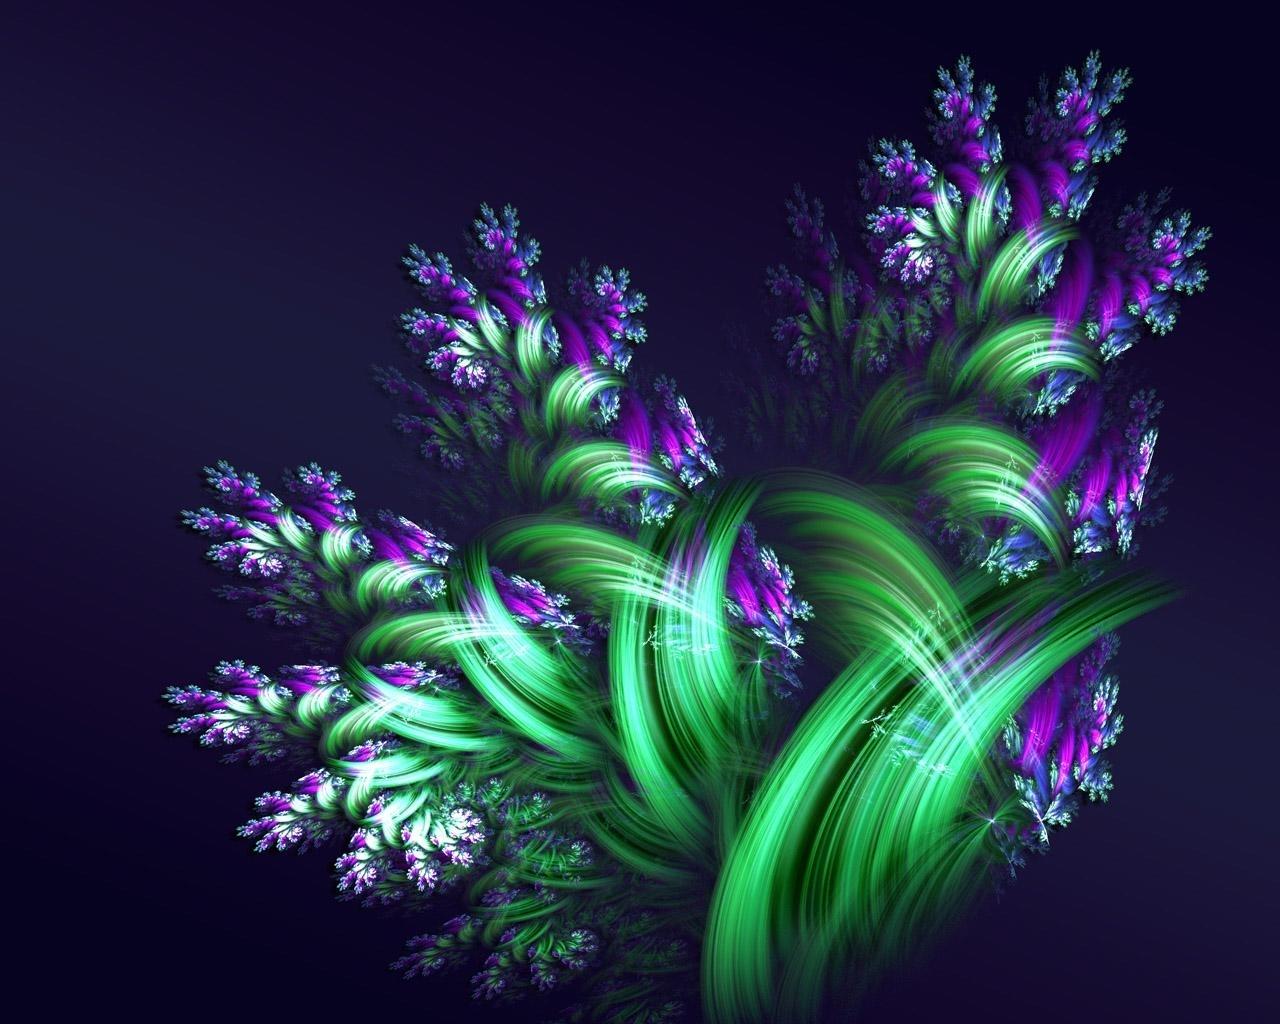 صورة خلفيات ورد , اجمل خلفيات زهور قمة الروعة ورود في غاية الجمال